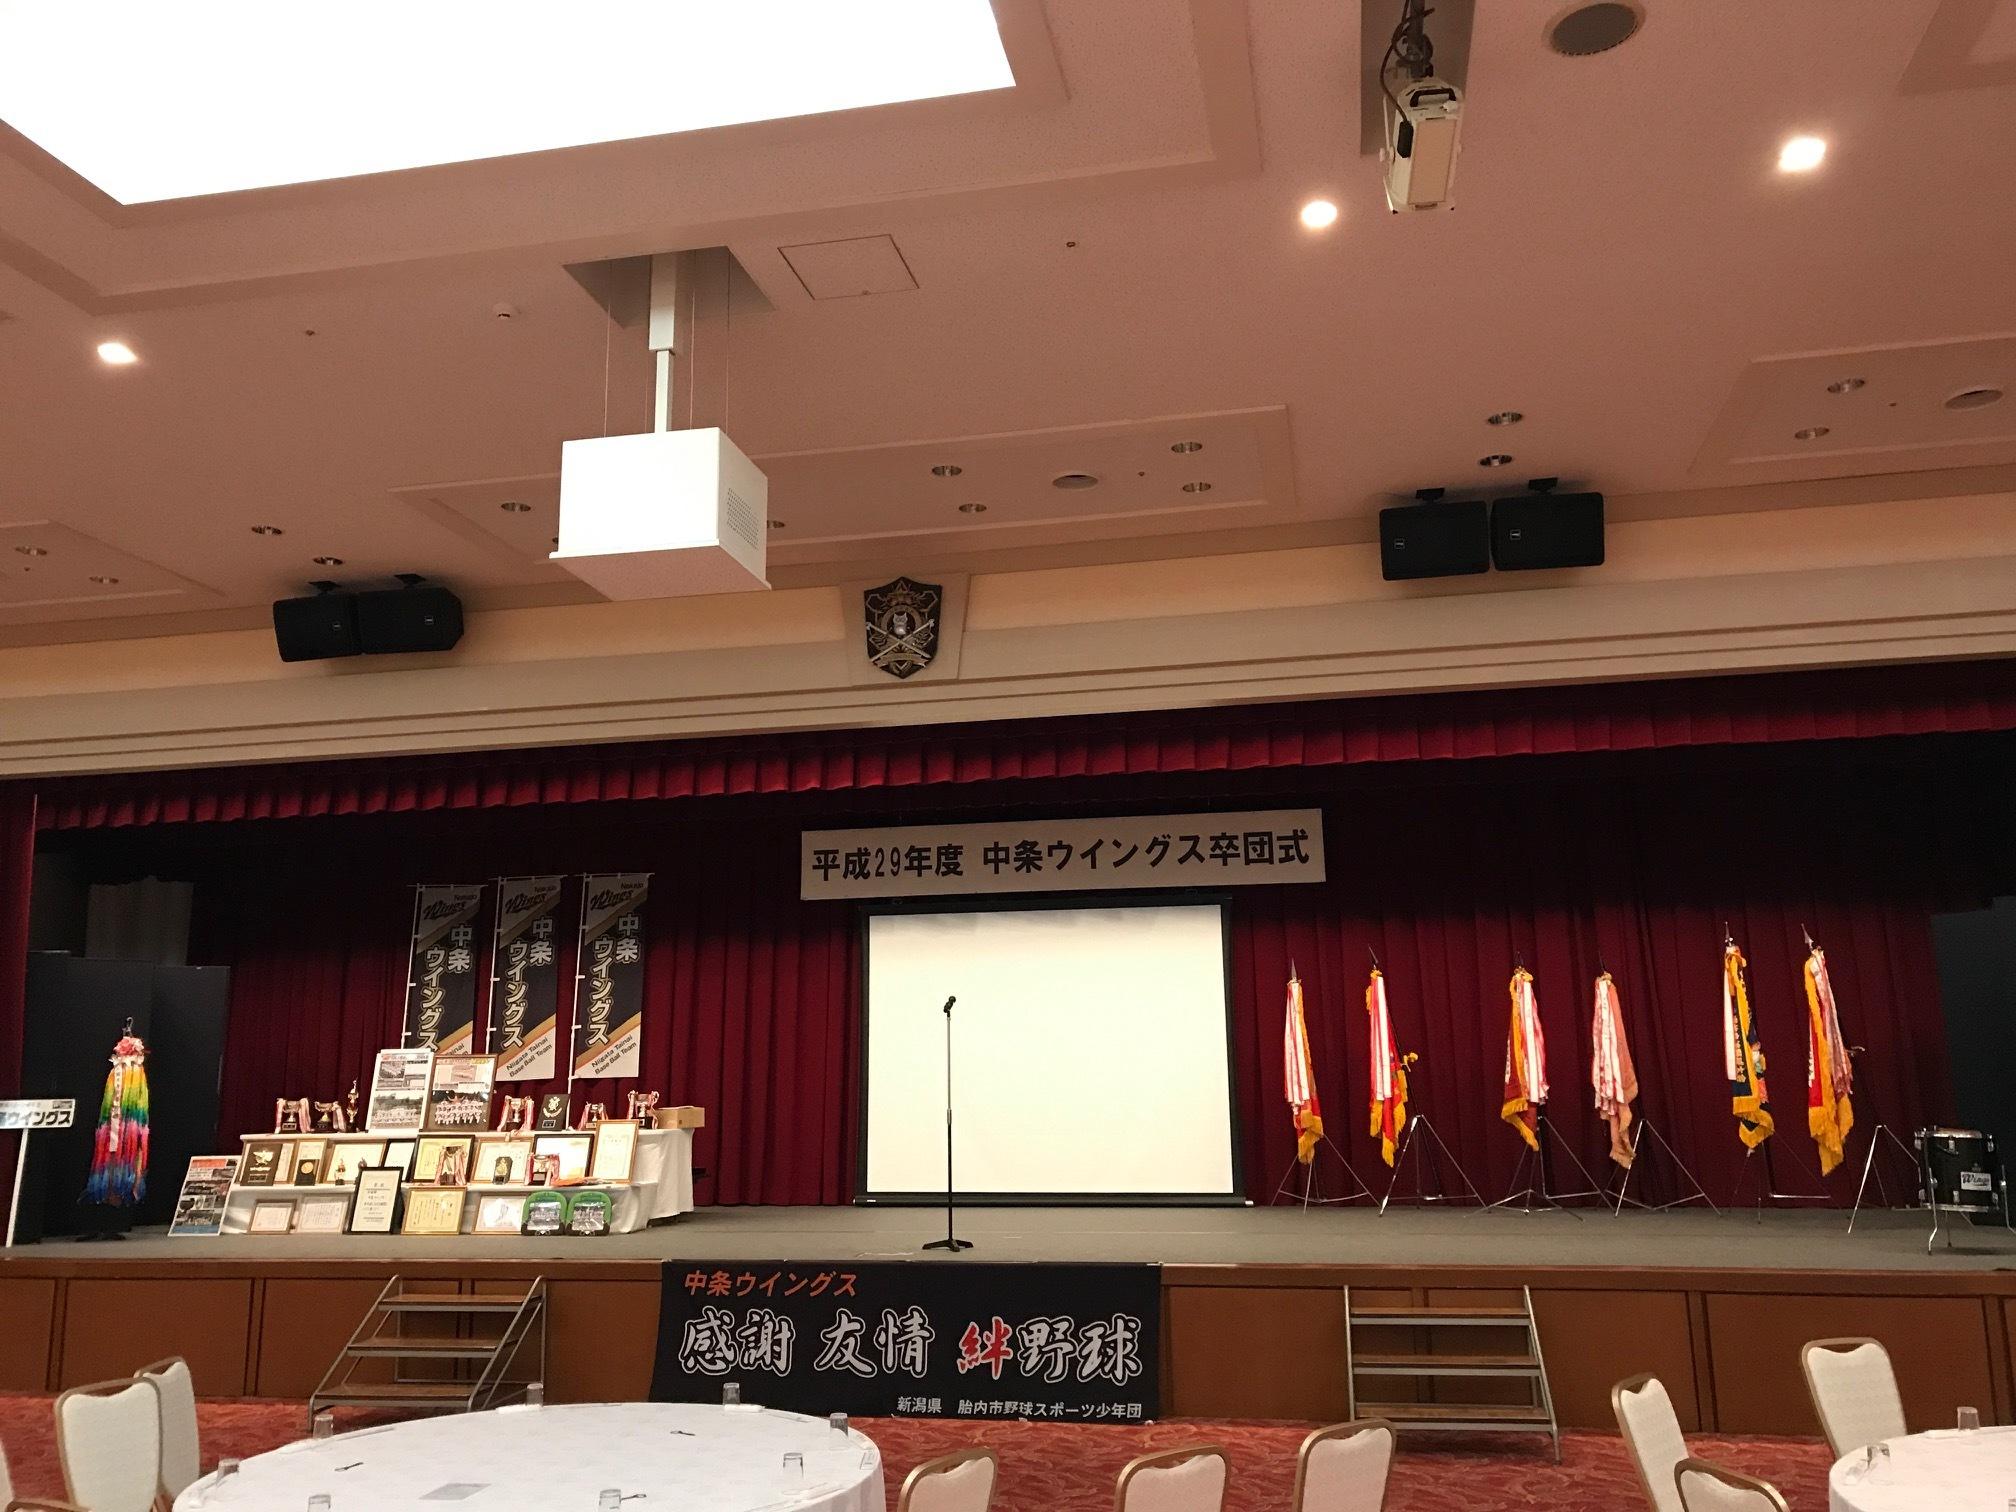 卒団式 (1)